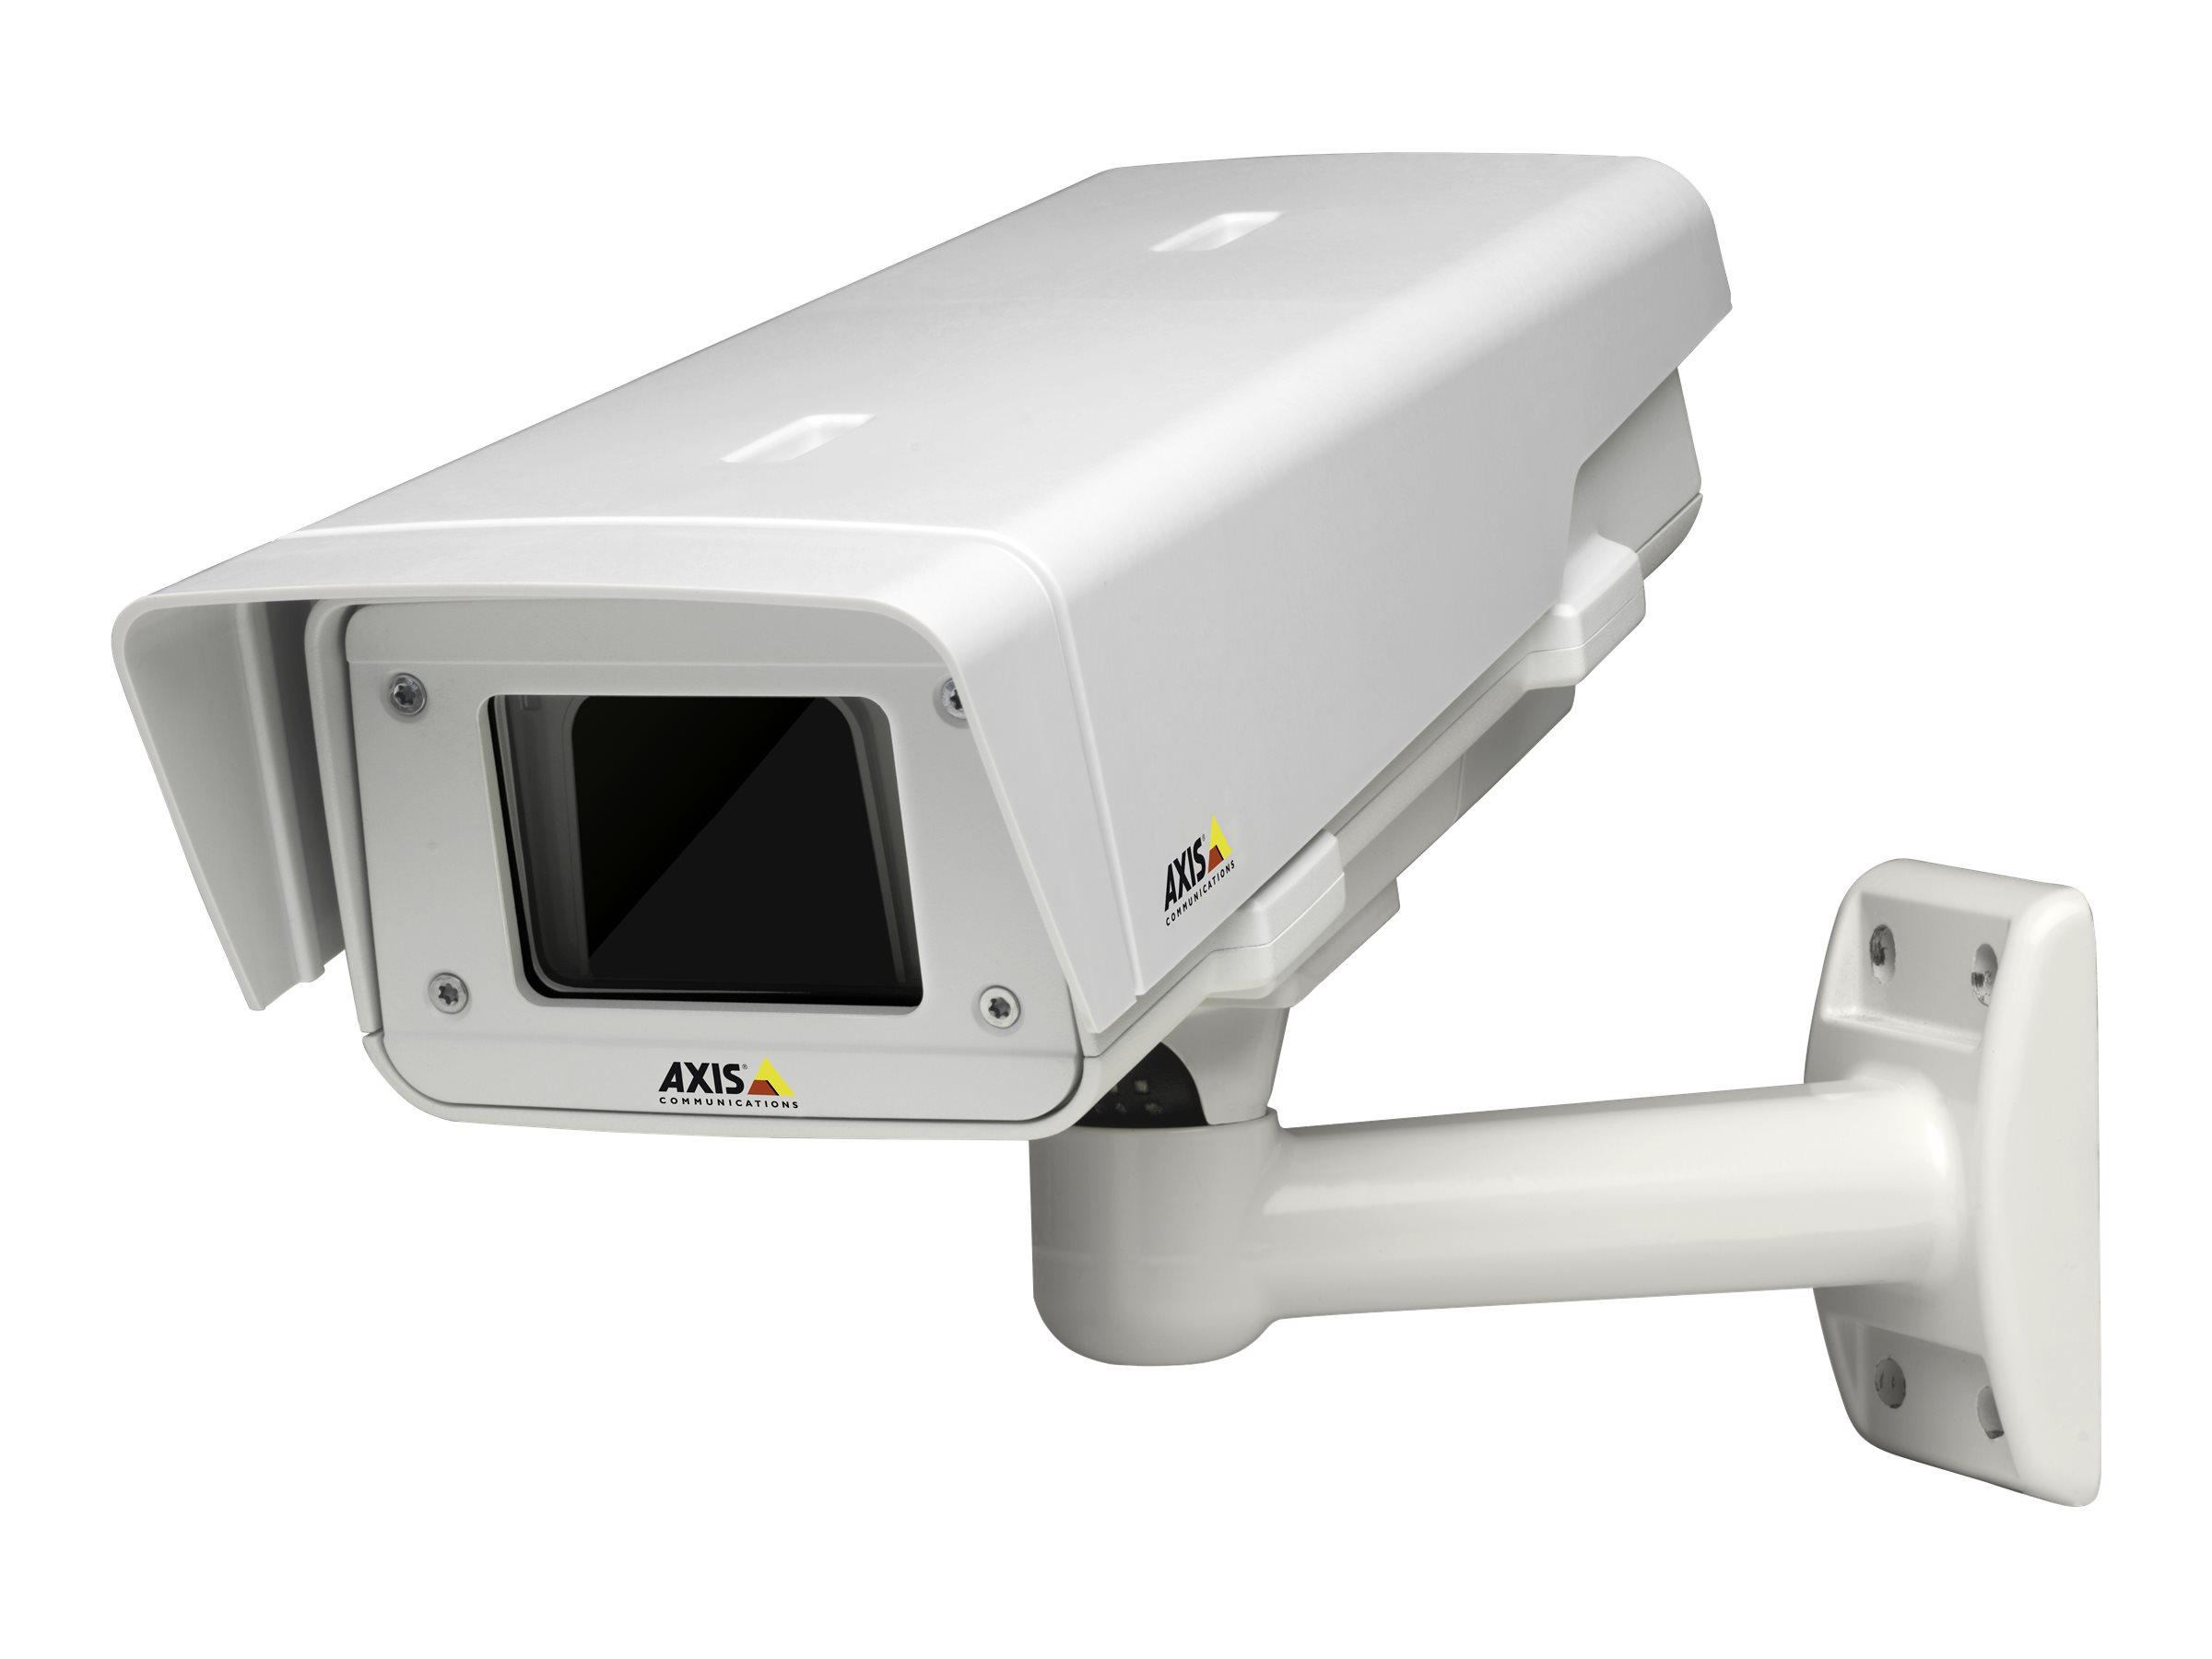 AXIS T92E05 Protective Housing - Kameragehäuse - für AXIS M1103, M1104, M1113, M1114, P1311, P1343, P1344, P1346, P1347, Q1755,